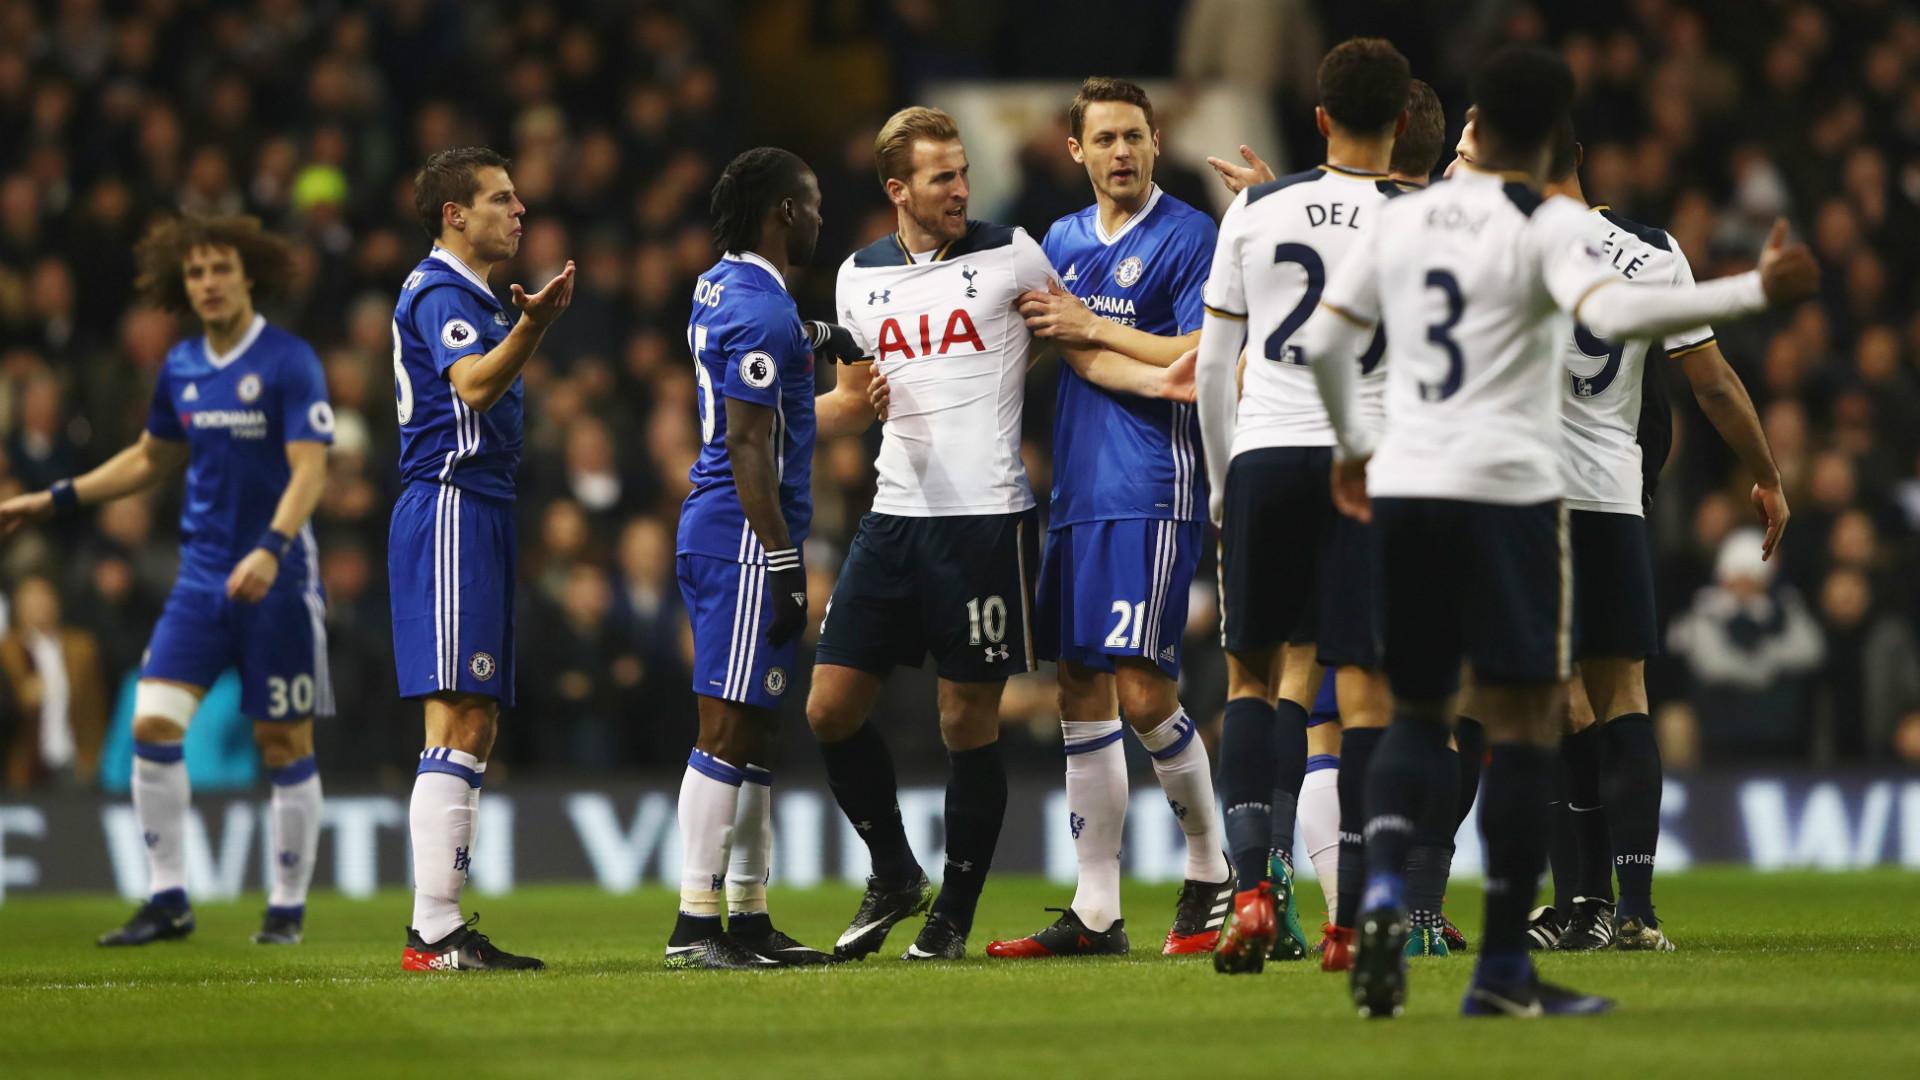 Resultado de imagem para Tottenham Chelsea